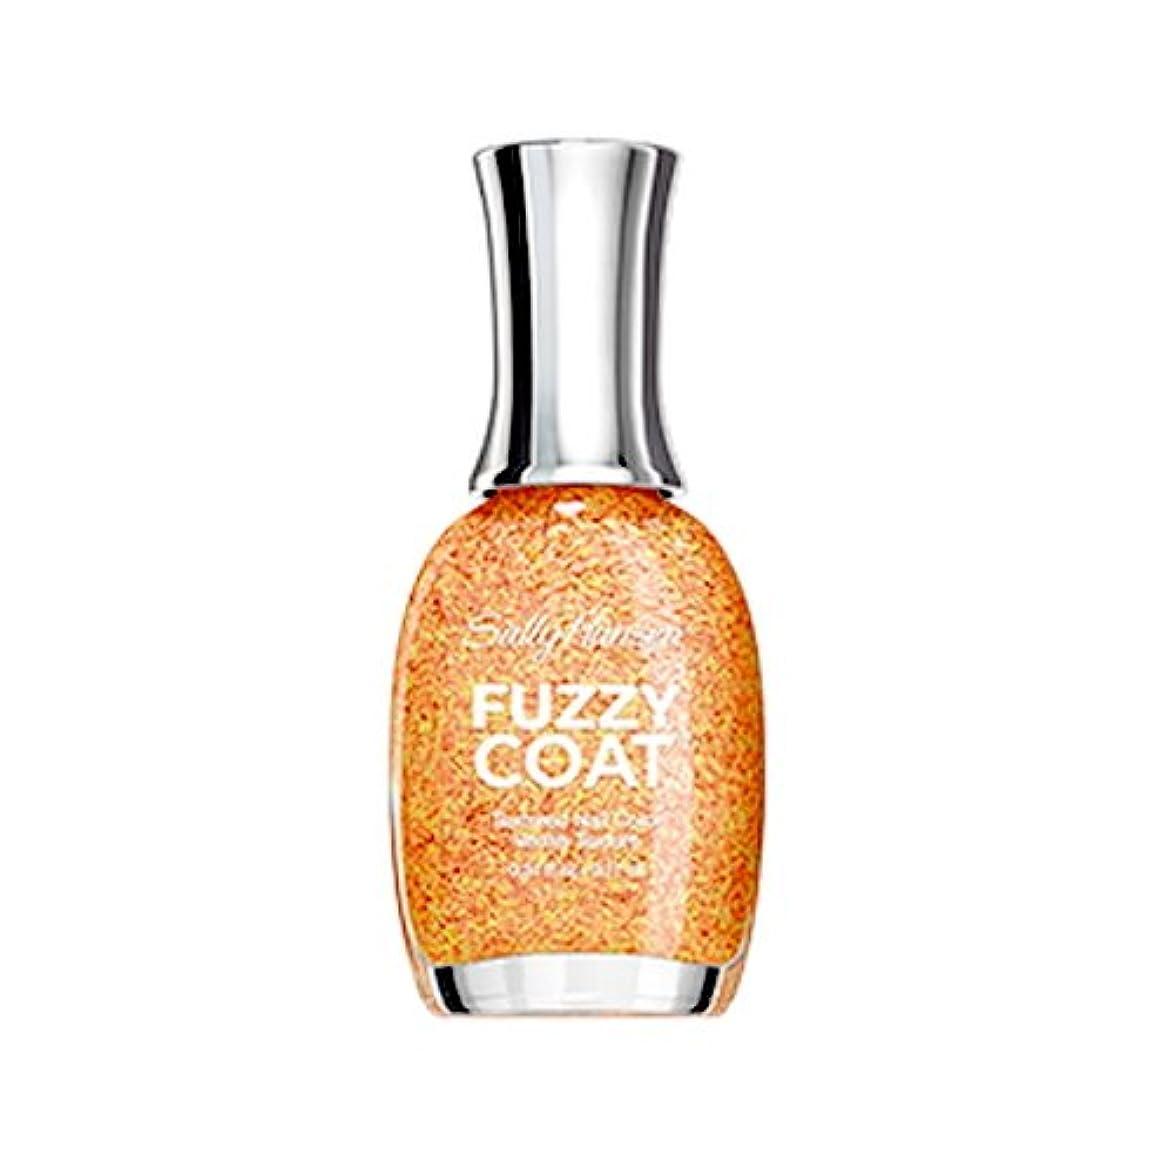 毛皮大気うまくいけば(6 Pack) SALLY HANSEN Fuzzy Coat Special Effect Textured Nail Color - Peach Fuzz (並行輸入品)